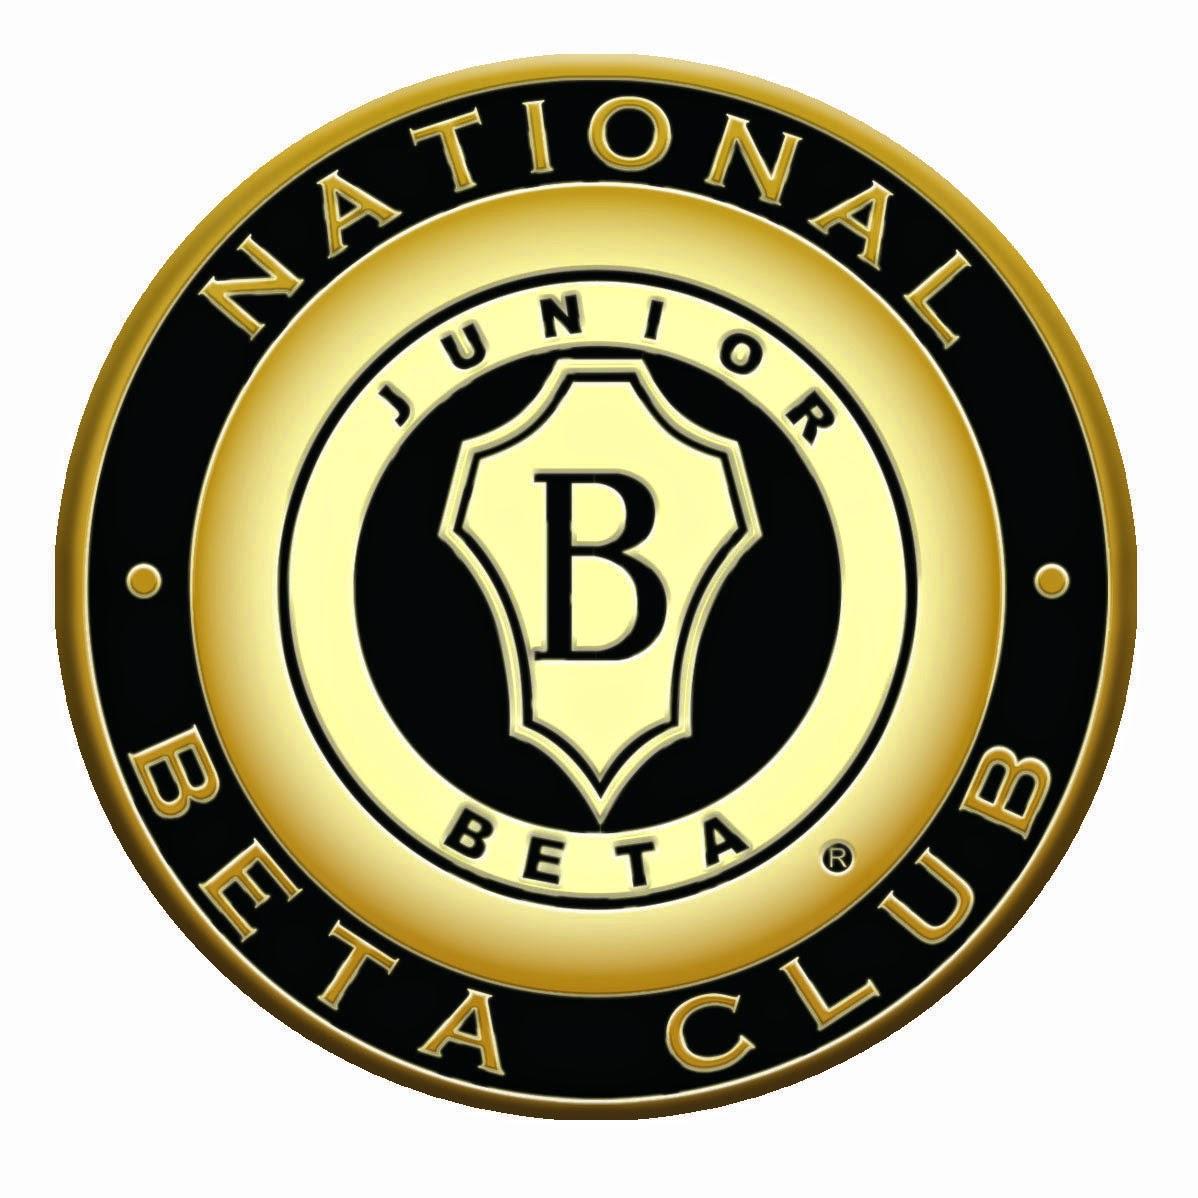 Beta club Logos.